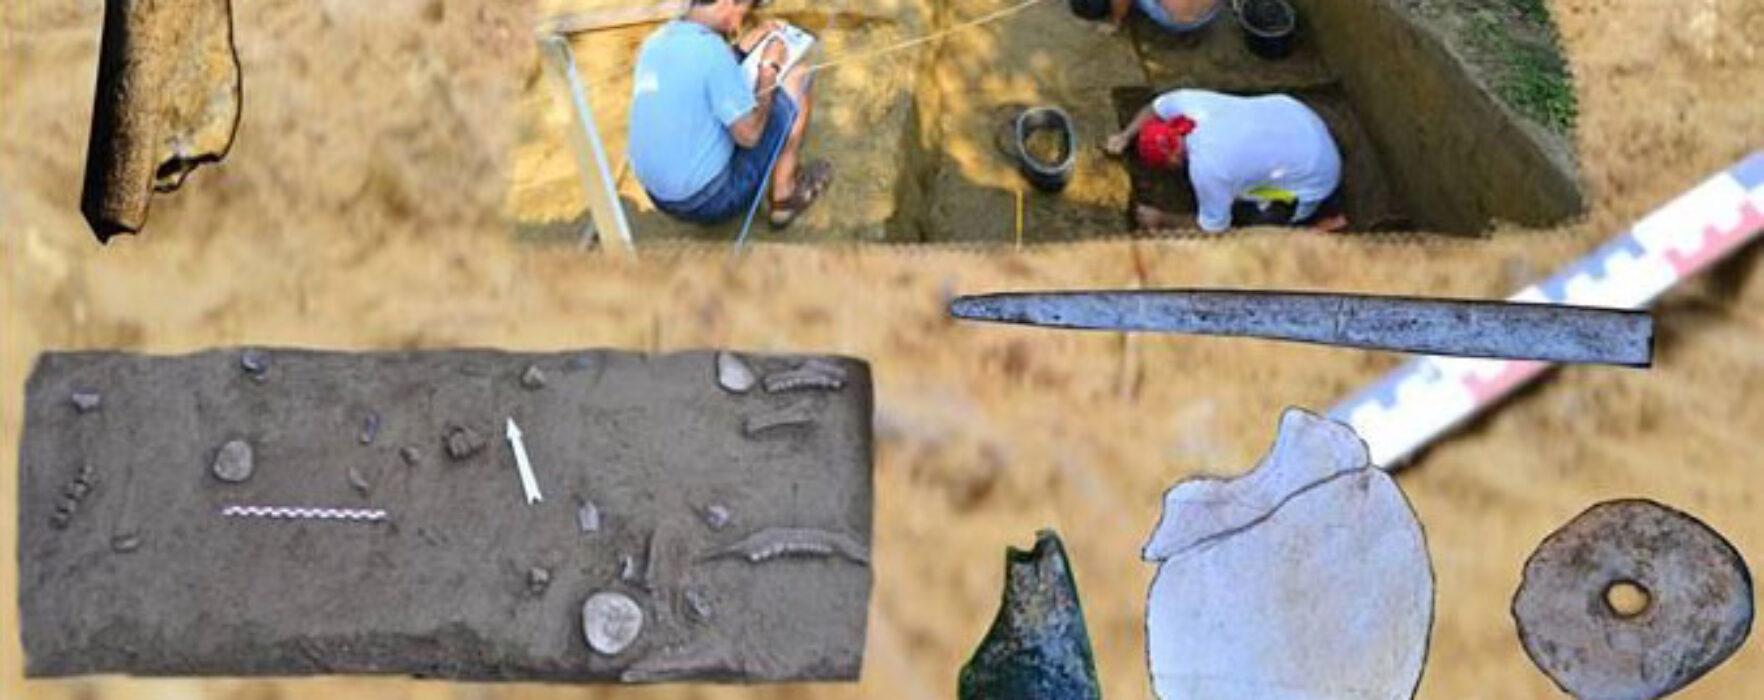 Obiecte de podoabă, vechi de 20.000 de ani, expuse la Muzeul Evoluţiei din Târgovişte